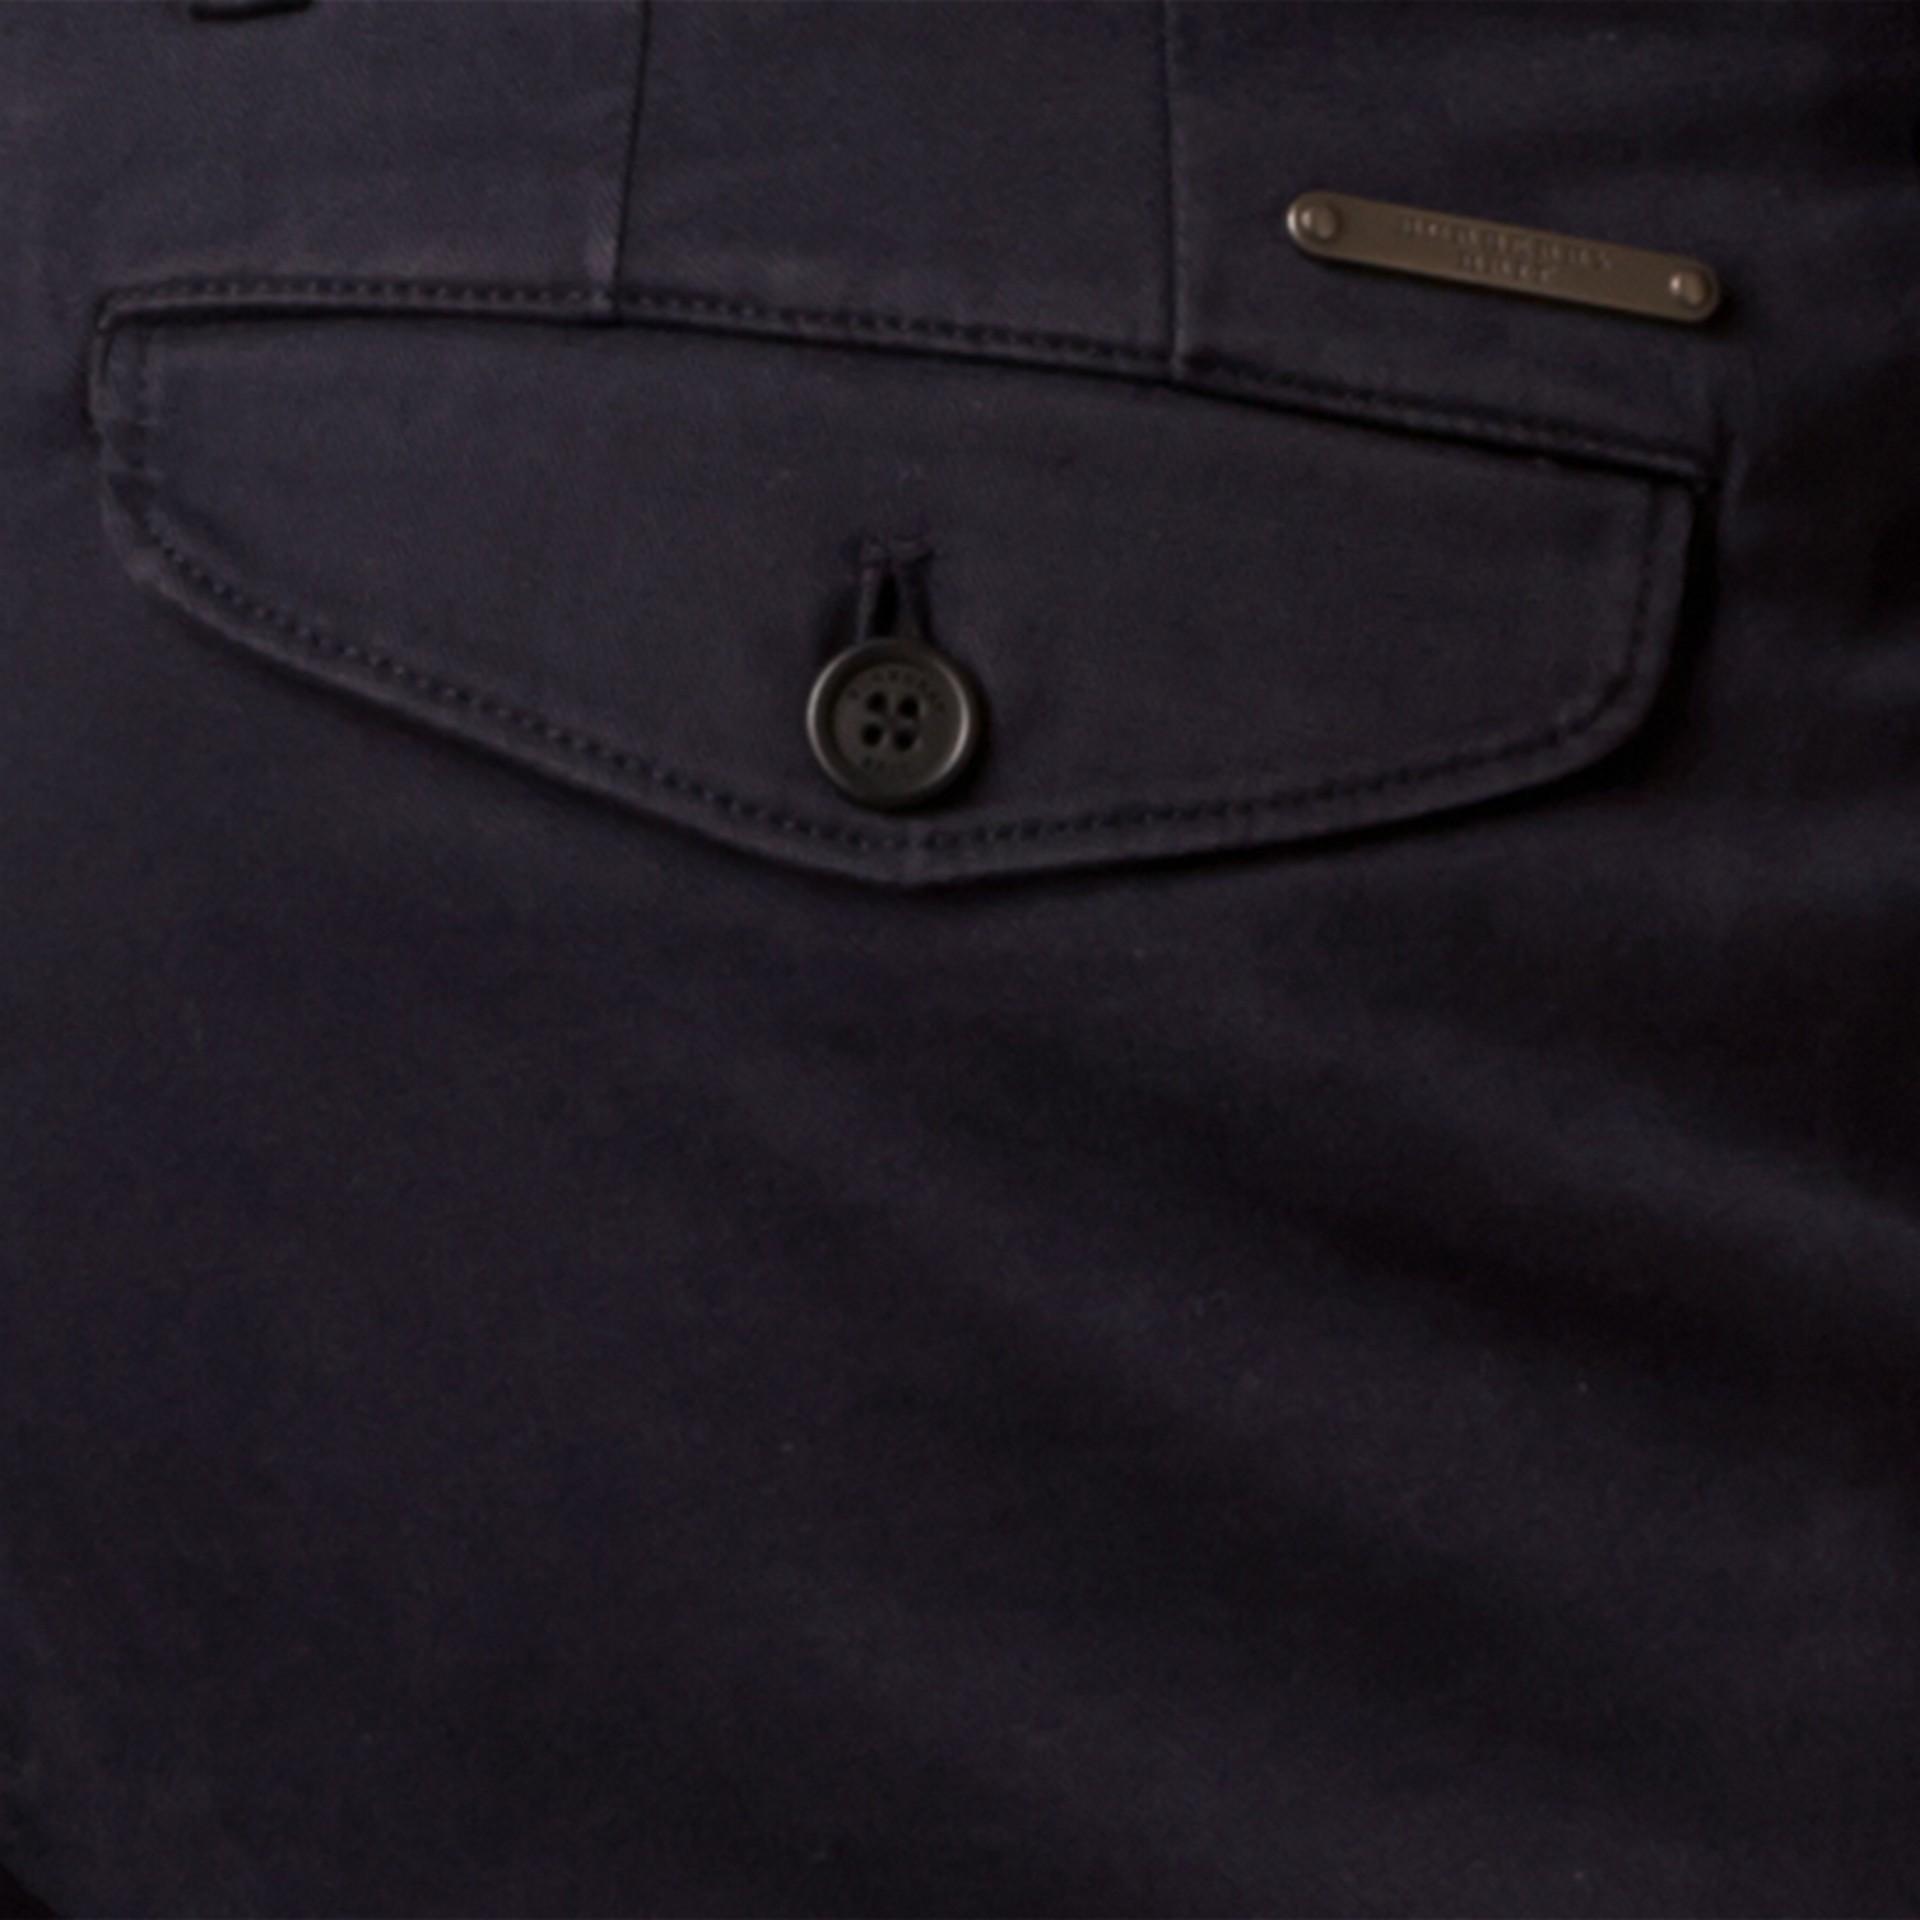 네이비 슬림핏 스트레치 코튼 트윌 치노 네이비 - 갤러리 이미지 2